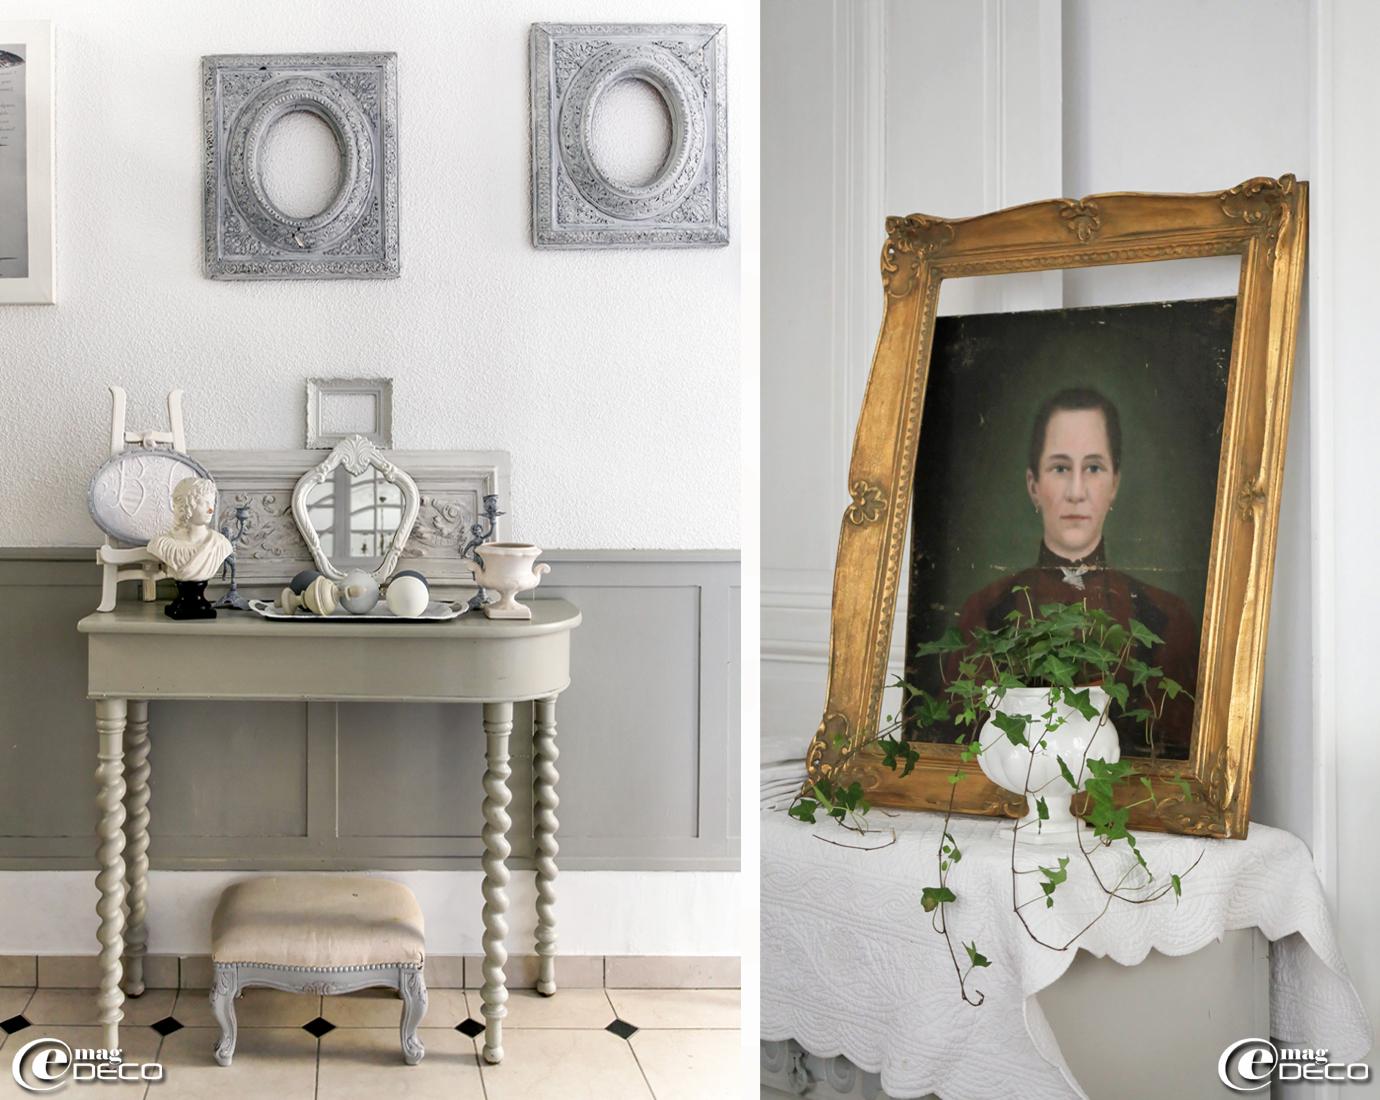 latest cadres napolon iii patins console sellette en acajou de style anglais chine la u with. Black Bedroom Furniture Sets. Home Design Ideas